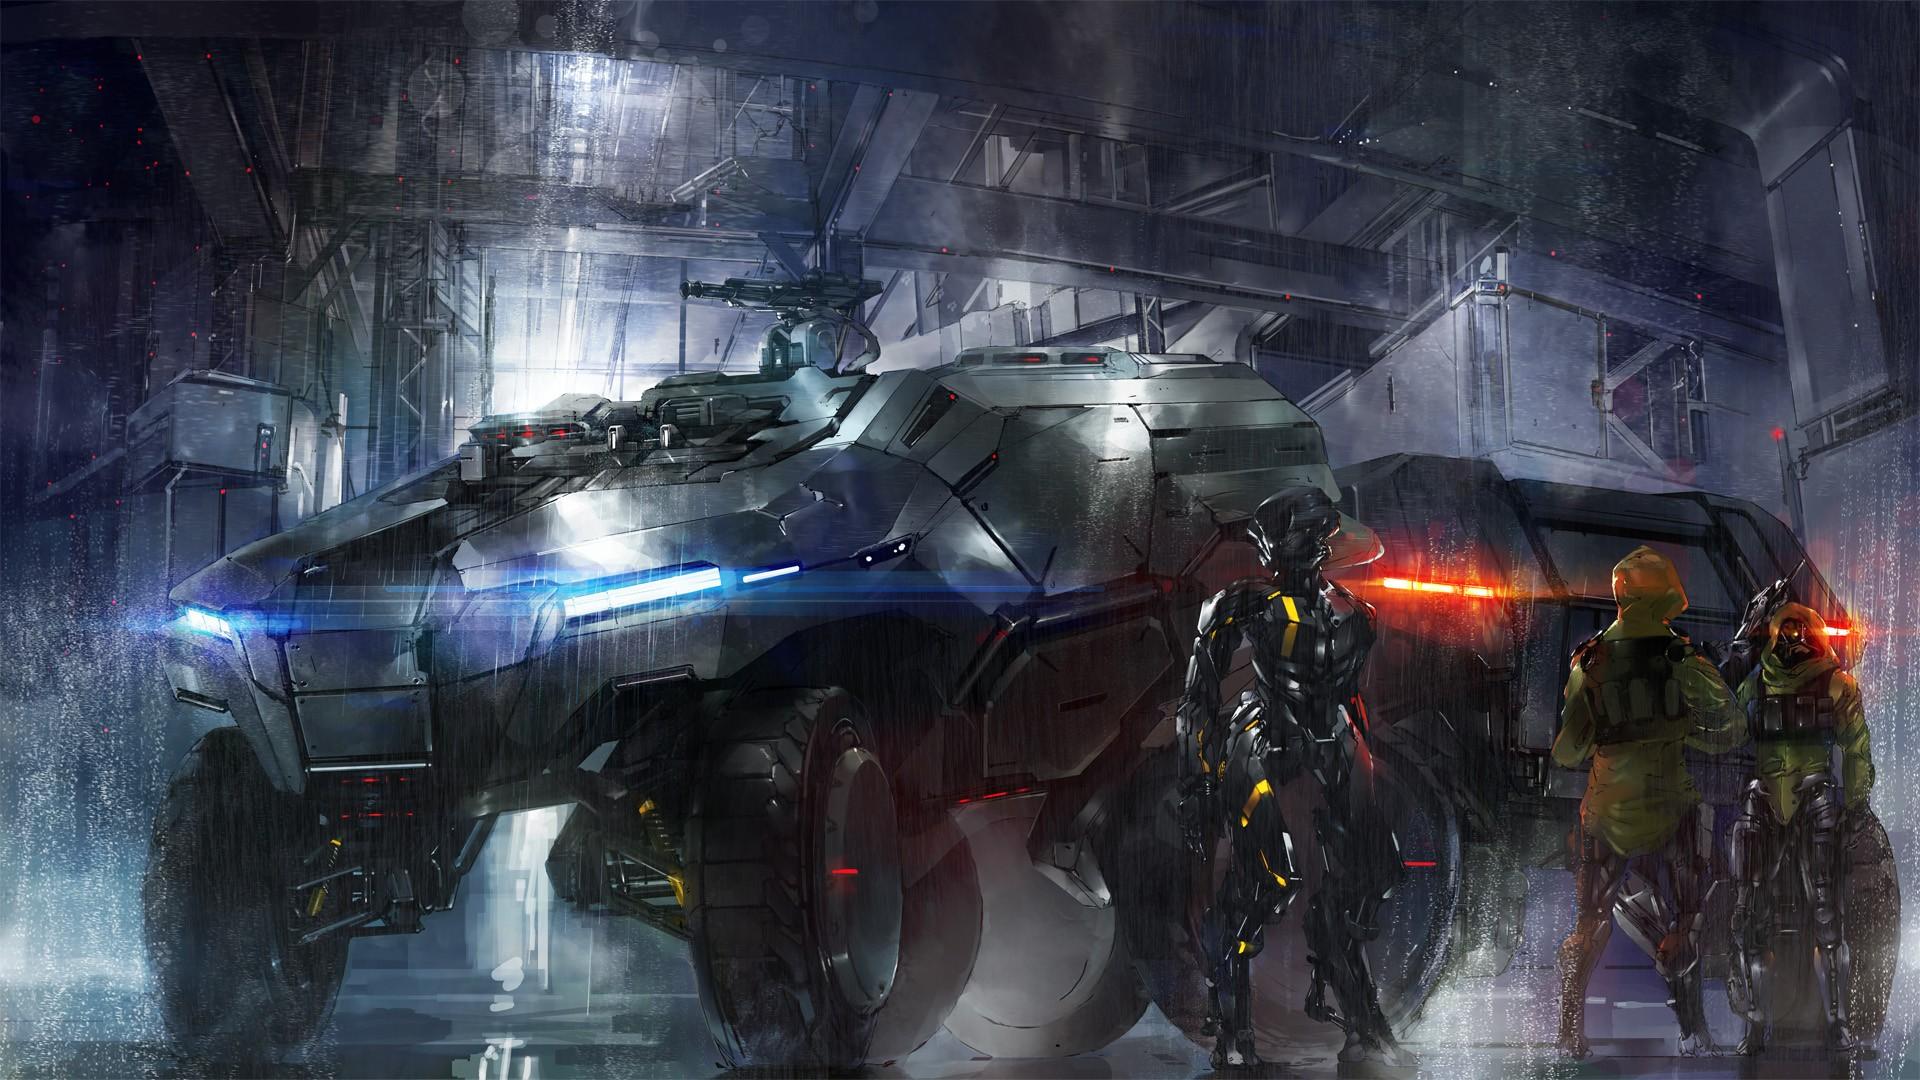 Anime Military Screenshot Mecha Pc Game